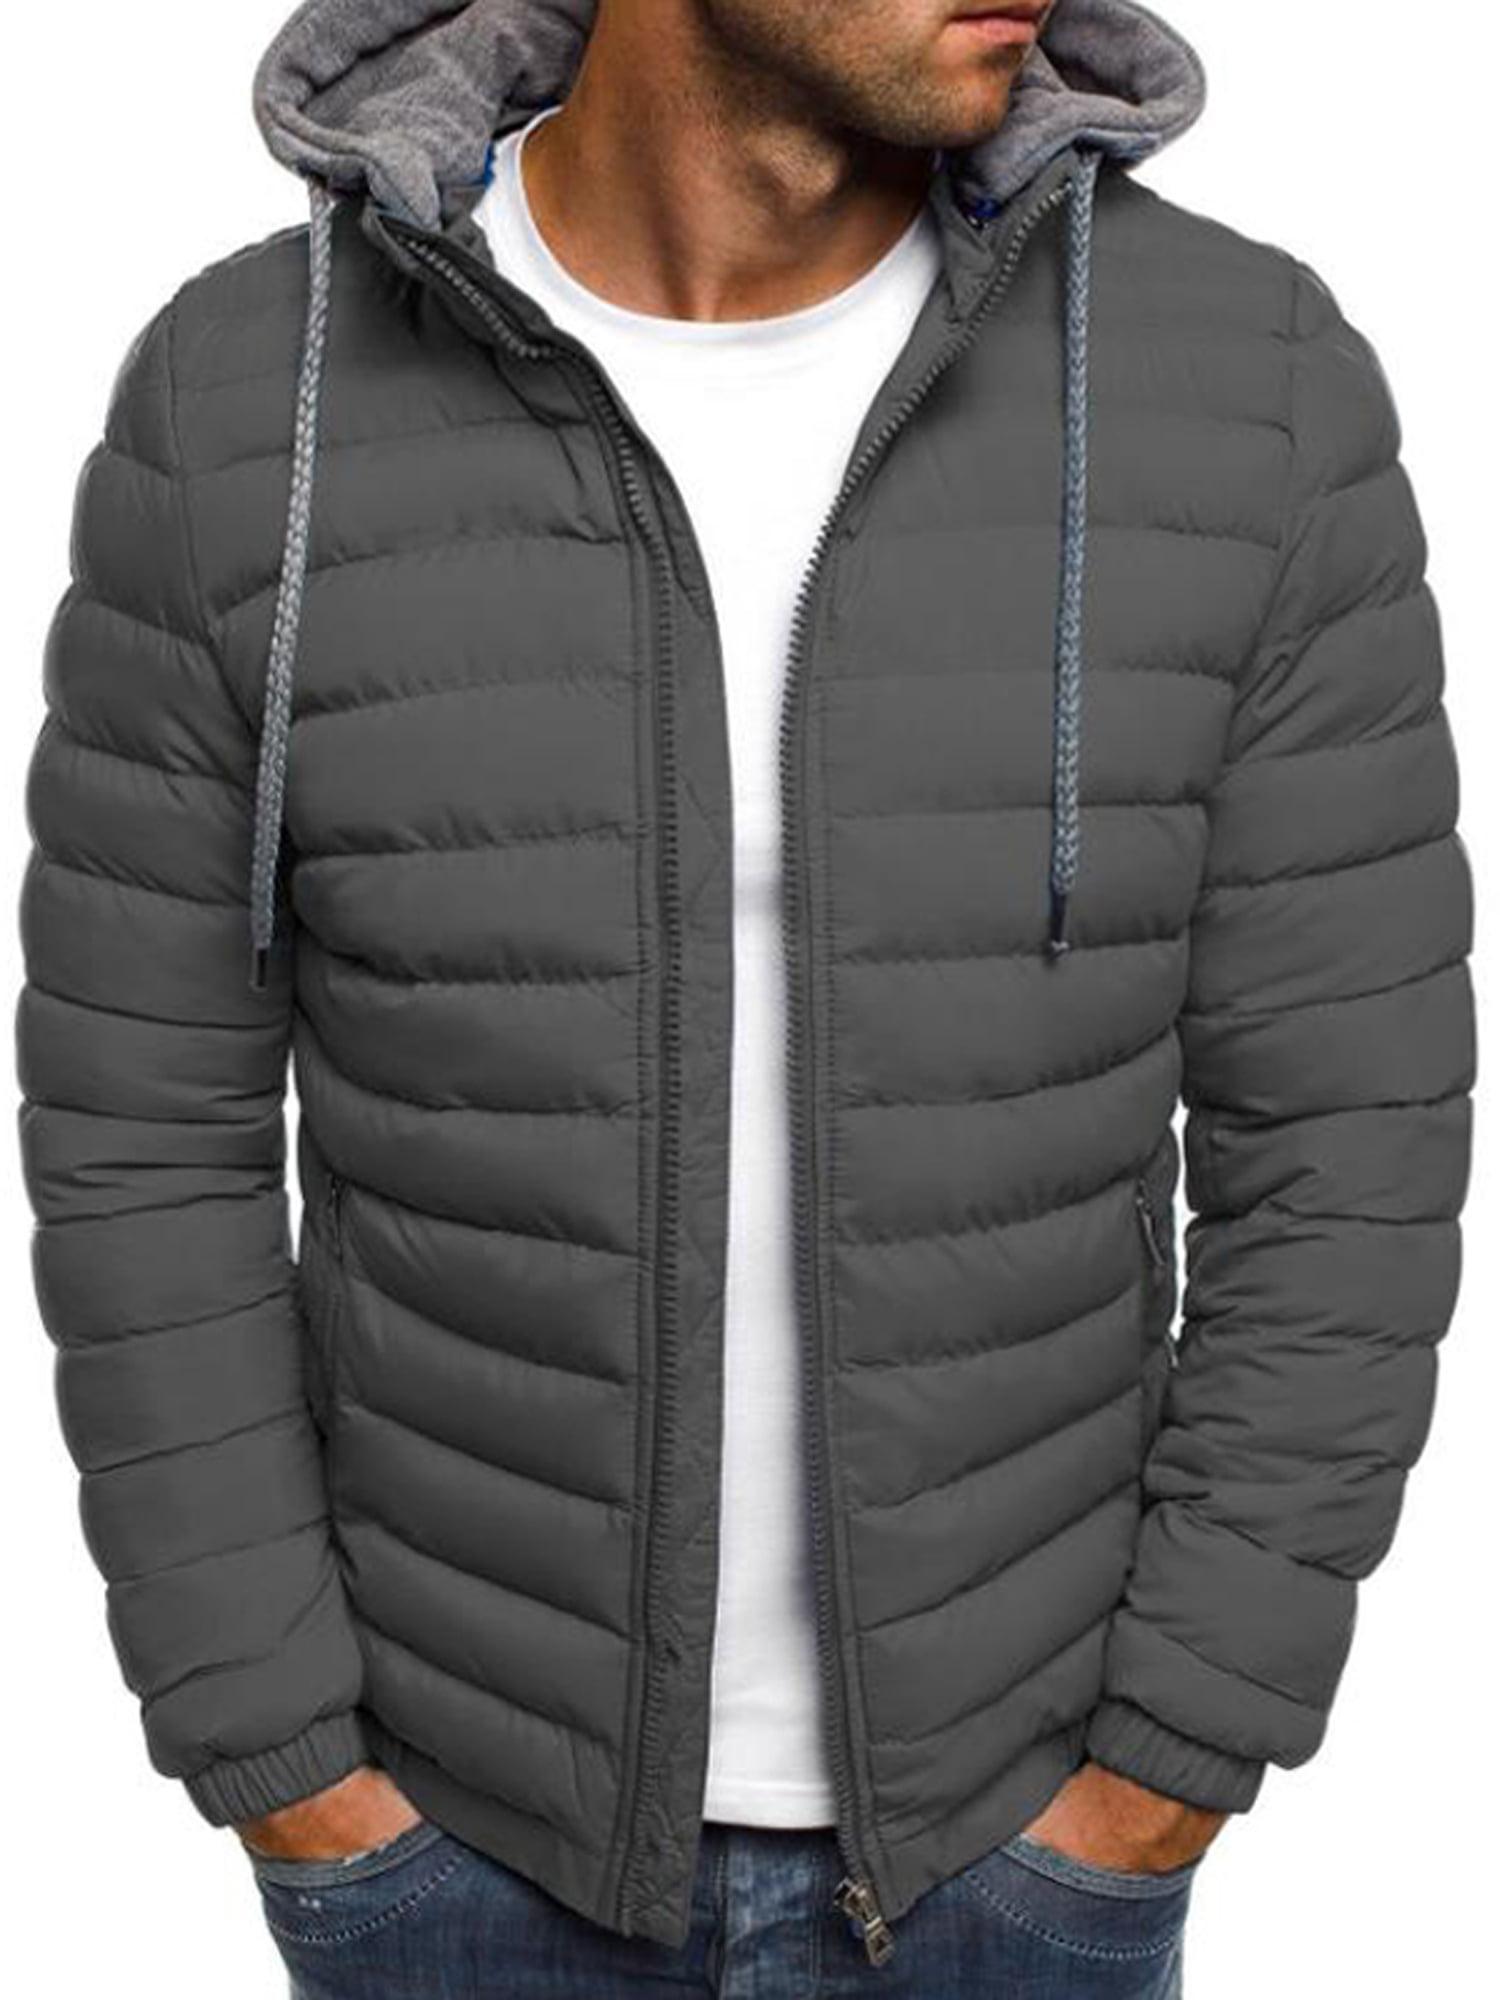 Men Winter Warm Parka Fur Hooded Padded Coat Jacket Zipper Casual PufferOutwear